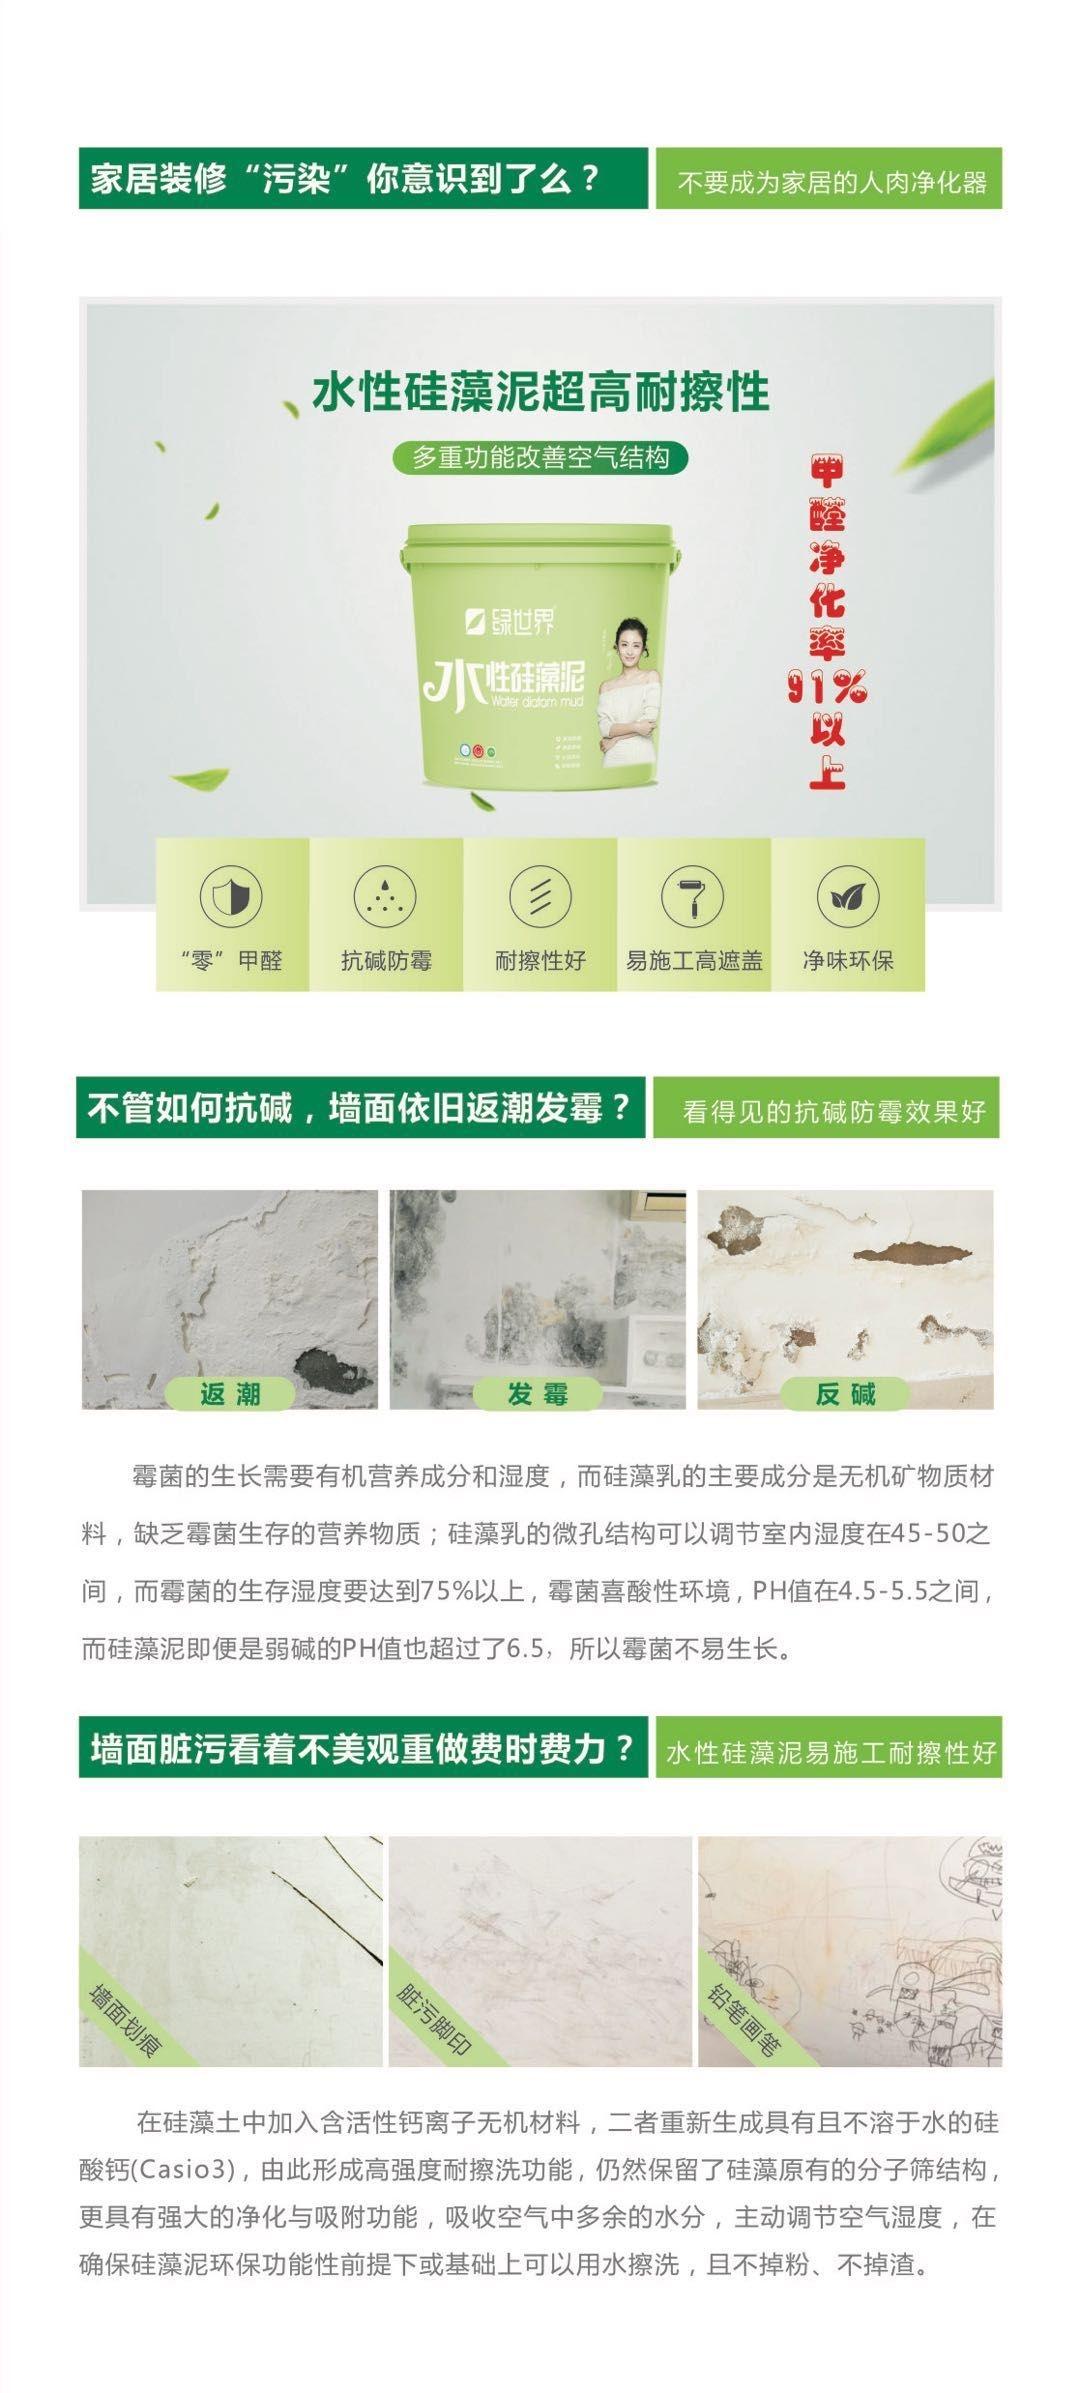 九正重磅推荐|绿世界水性硅藻泥 甲醛净化率达91%以上,成人丁香社区